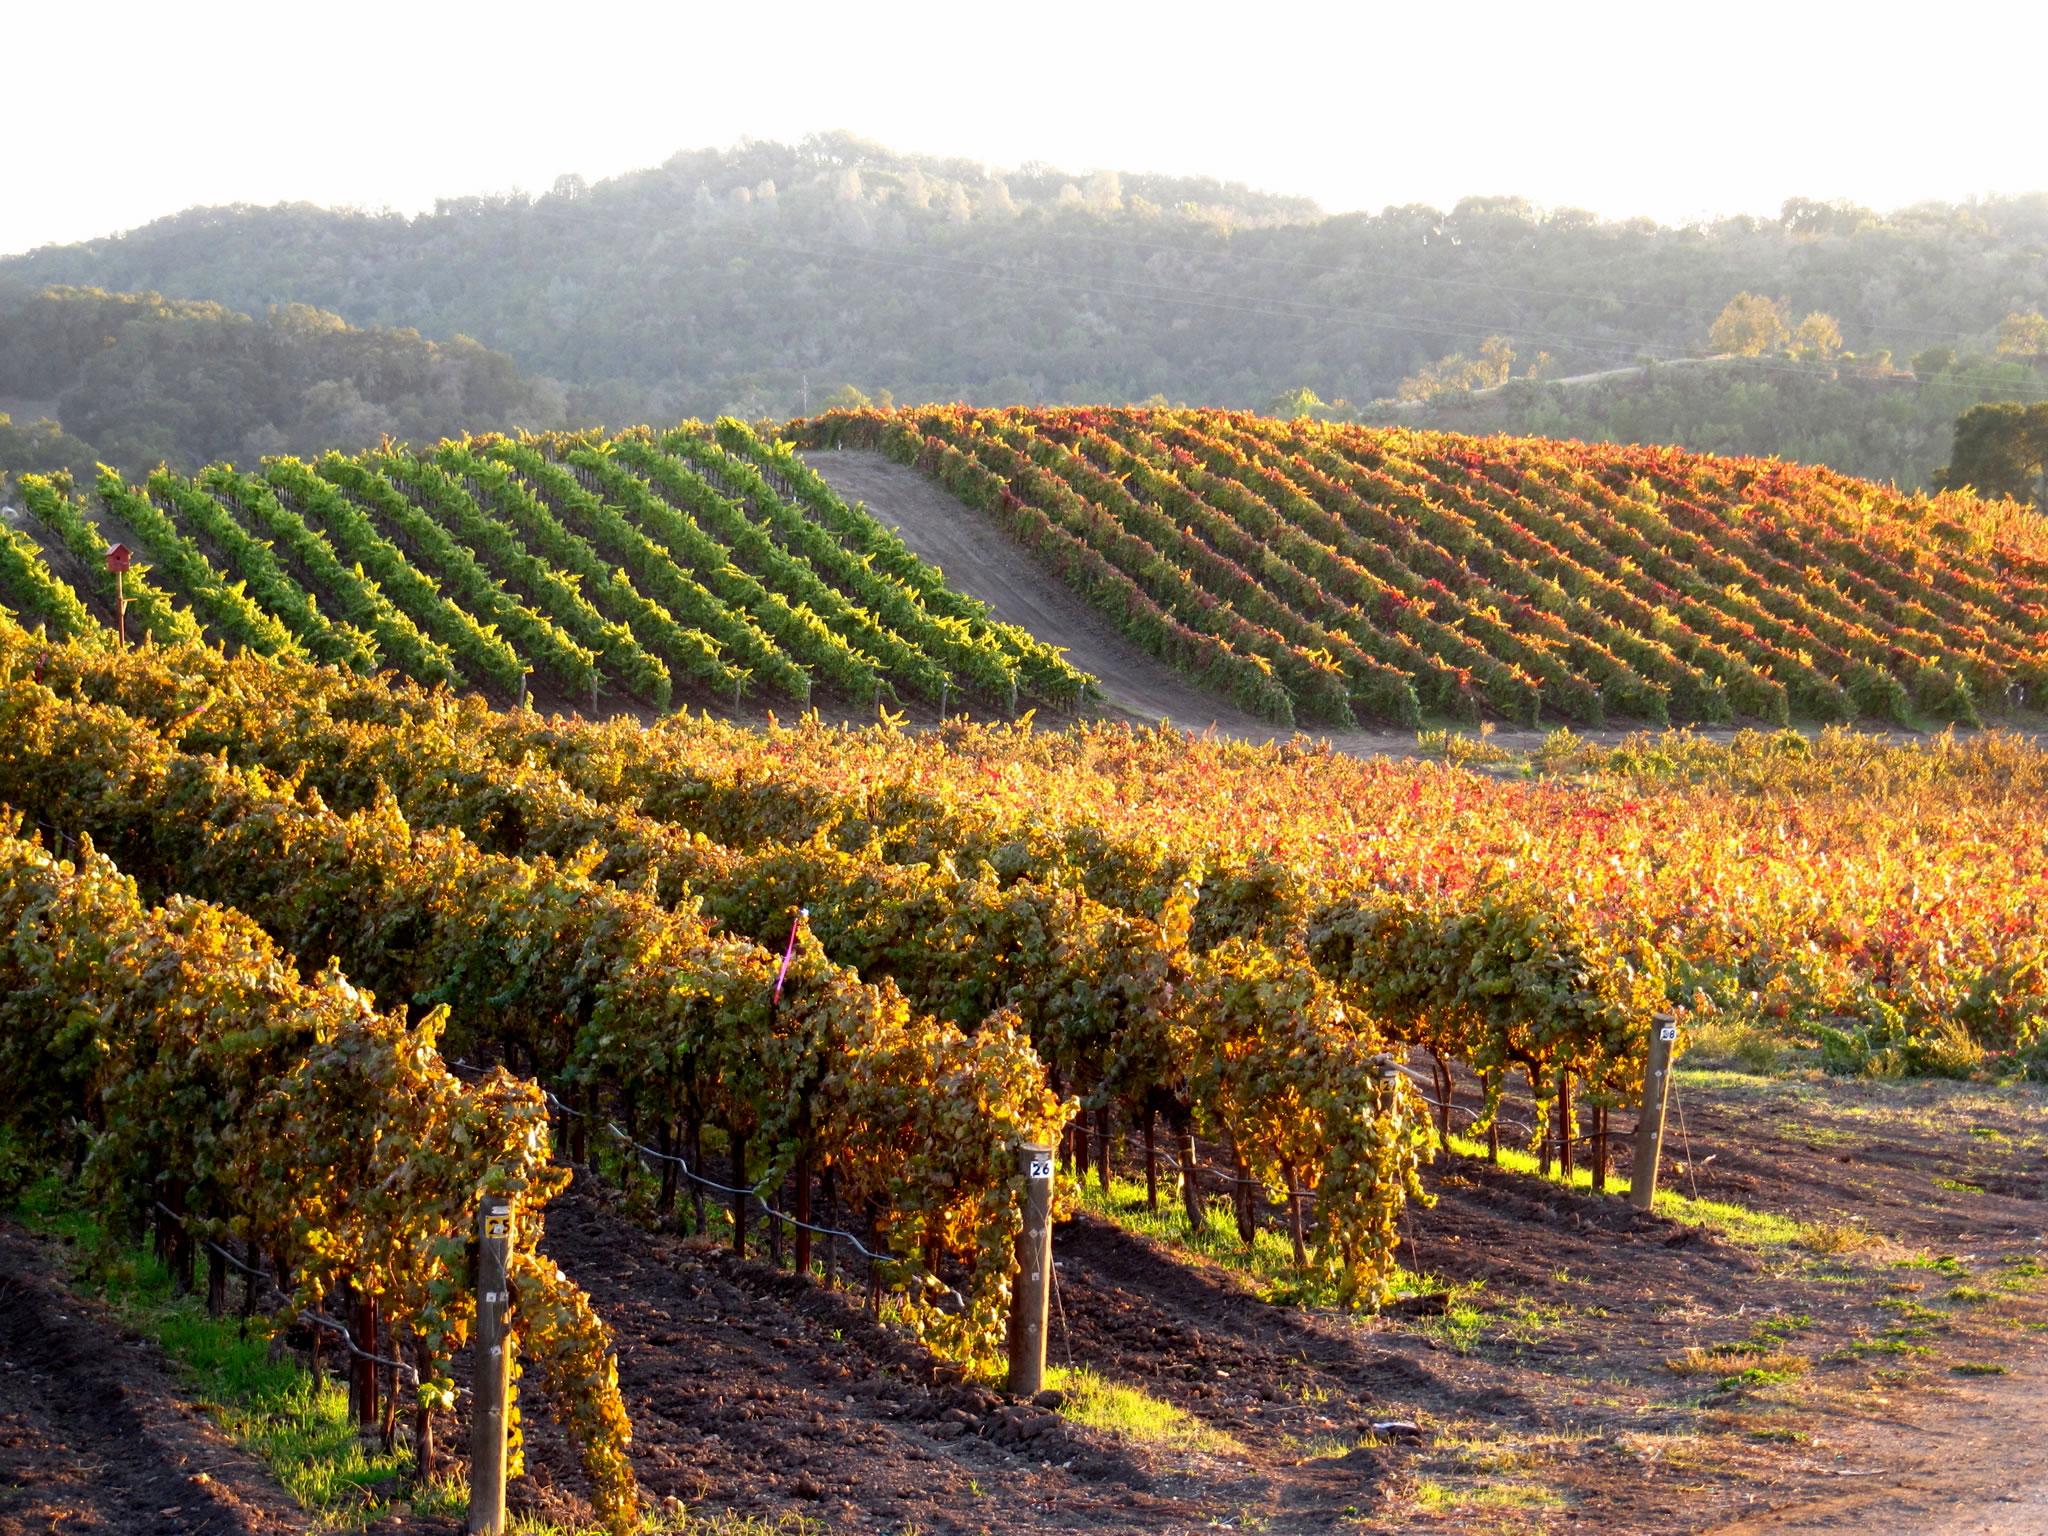 Tablas Creek Vineyard Harvest Sunset at Tablas Creek.jpg